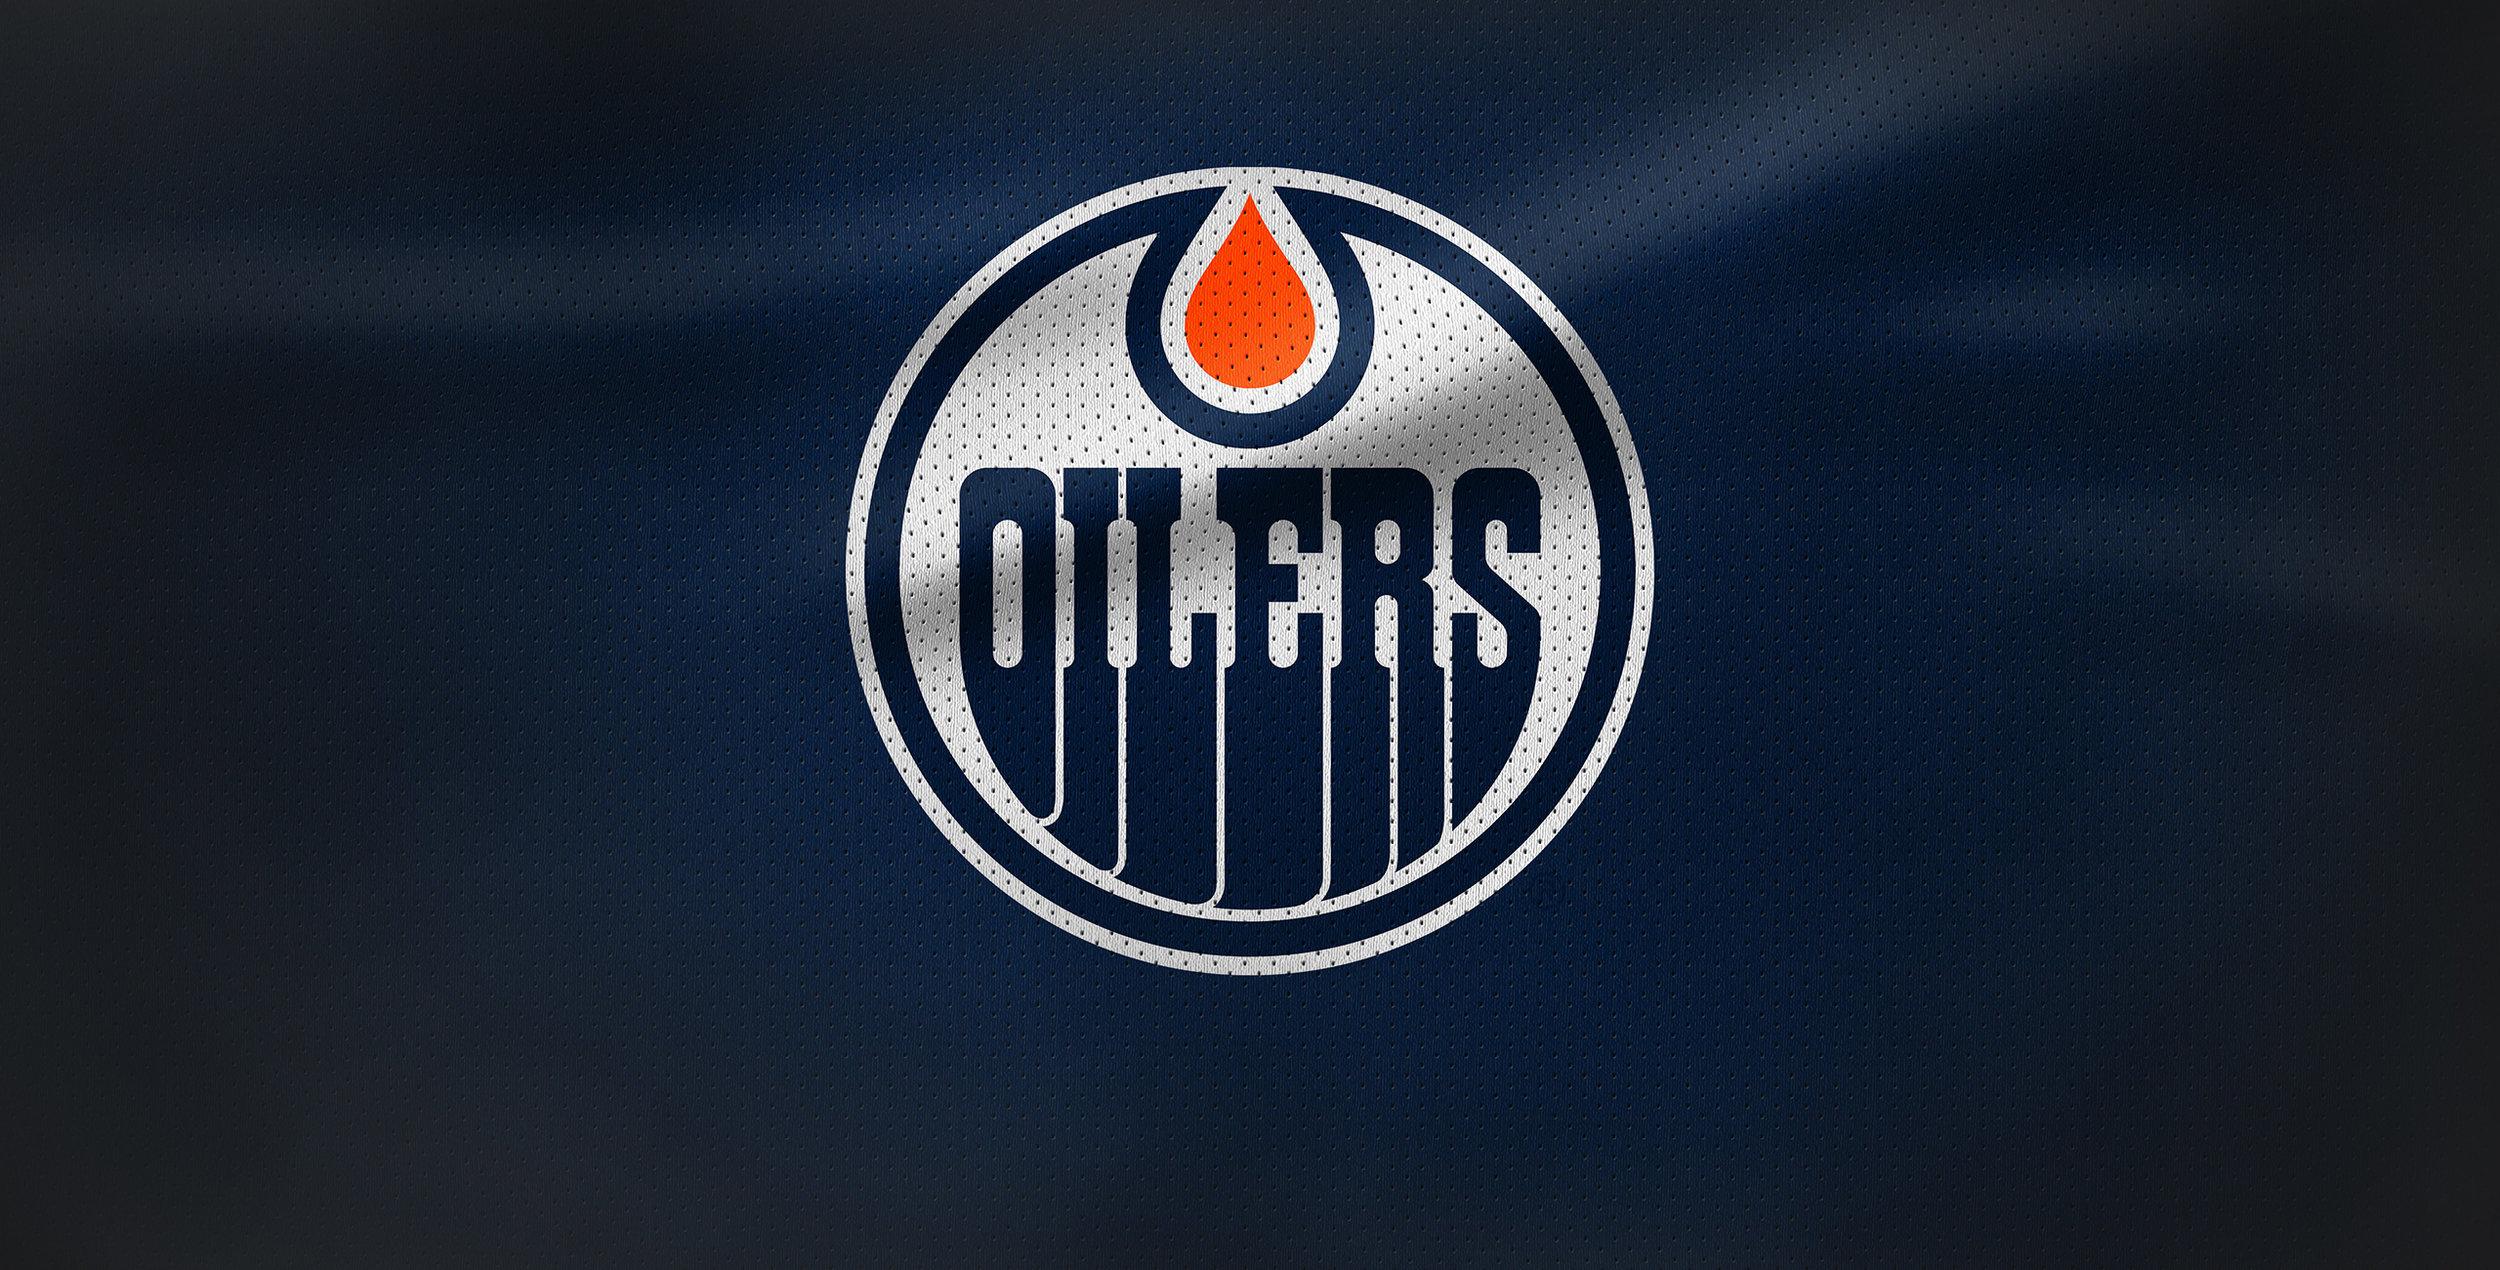 Edmonton Oilers    Klubben har vunnit fem Stanley Cup-titlar, mycket tack vare tidernas bästa spelare Wayne Gretzky. Nu har en ny superstjärna tagit över showen i staden - underbarnet Connor McDavid. Bara att bevittna honom kan vara värt entrépengen till Rogers Place. Vi kan hjälpa dig med matchbiljetter till Edmontons matcher om så önskas.